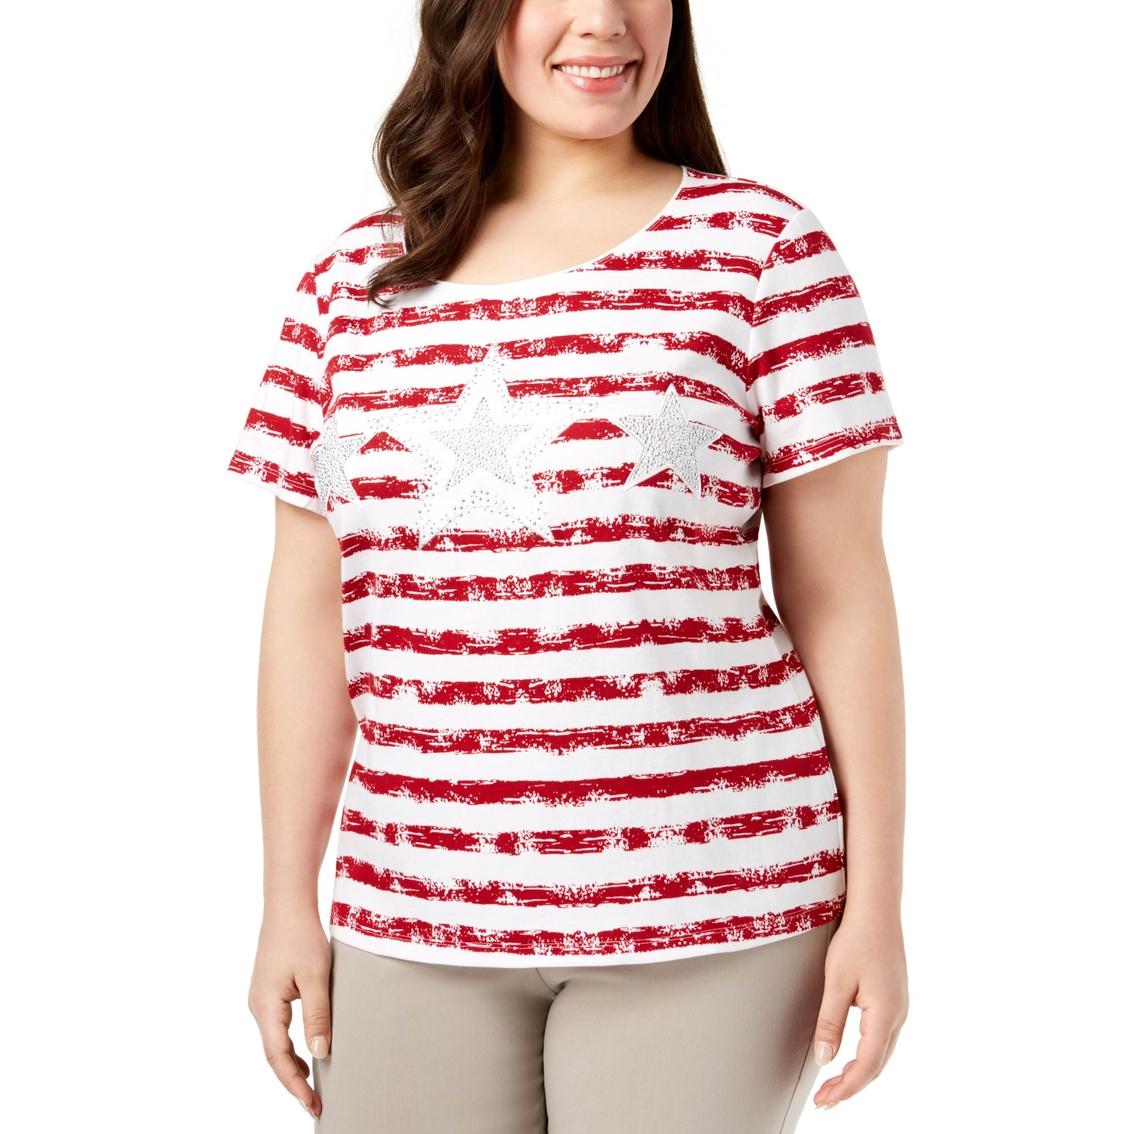 693daab5 Karen Scott Plus Size Embellished Striped Tee   T-shirts   Apparel ...